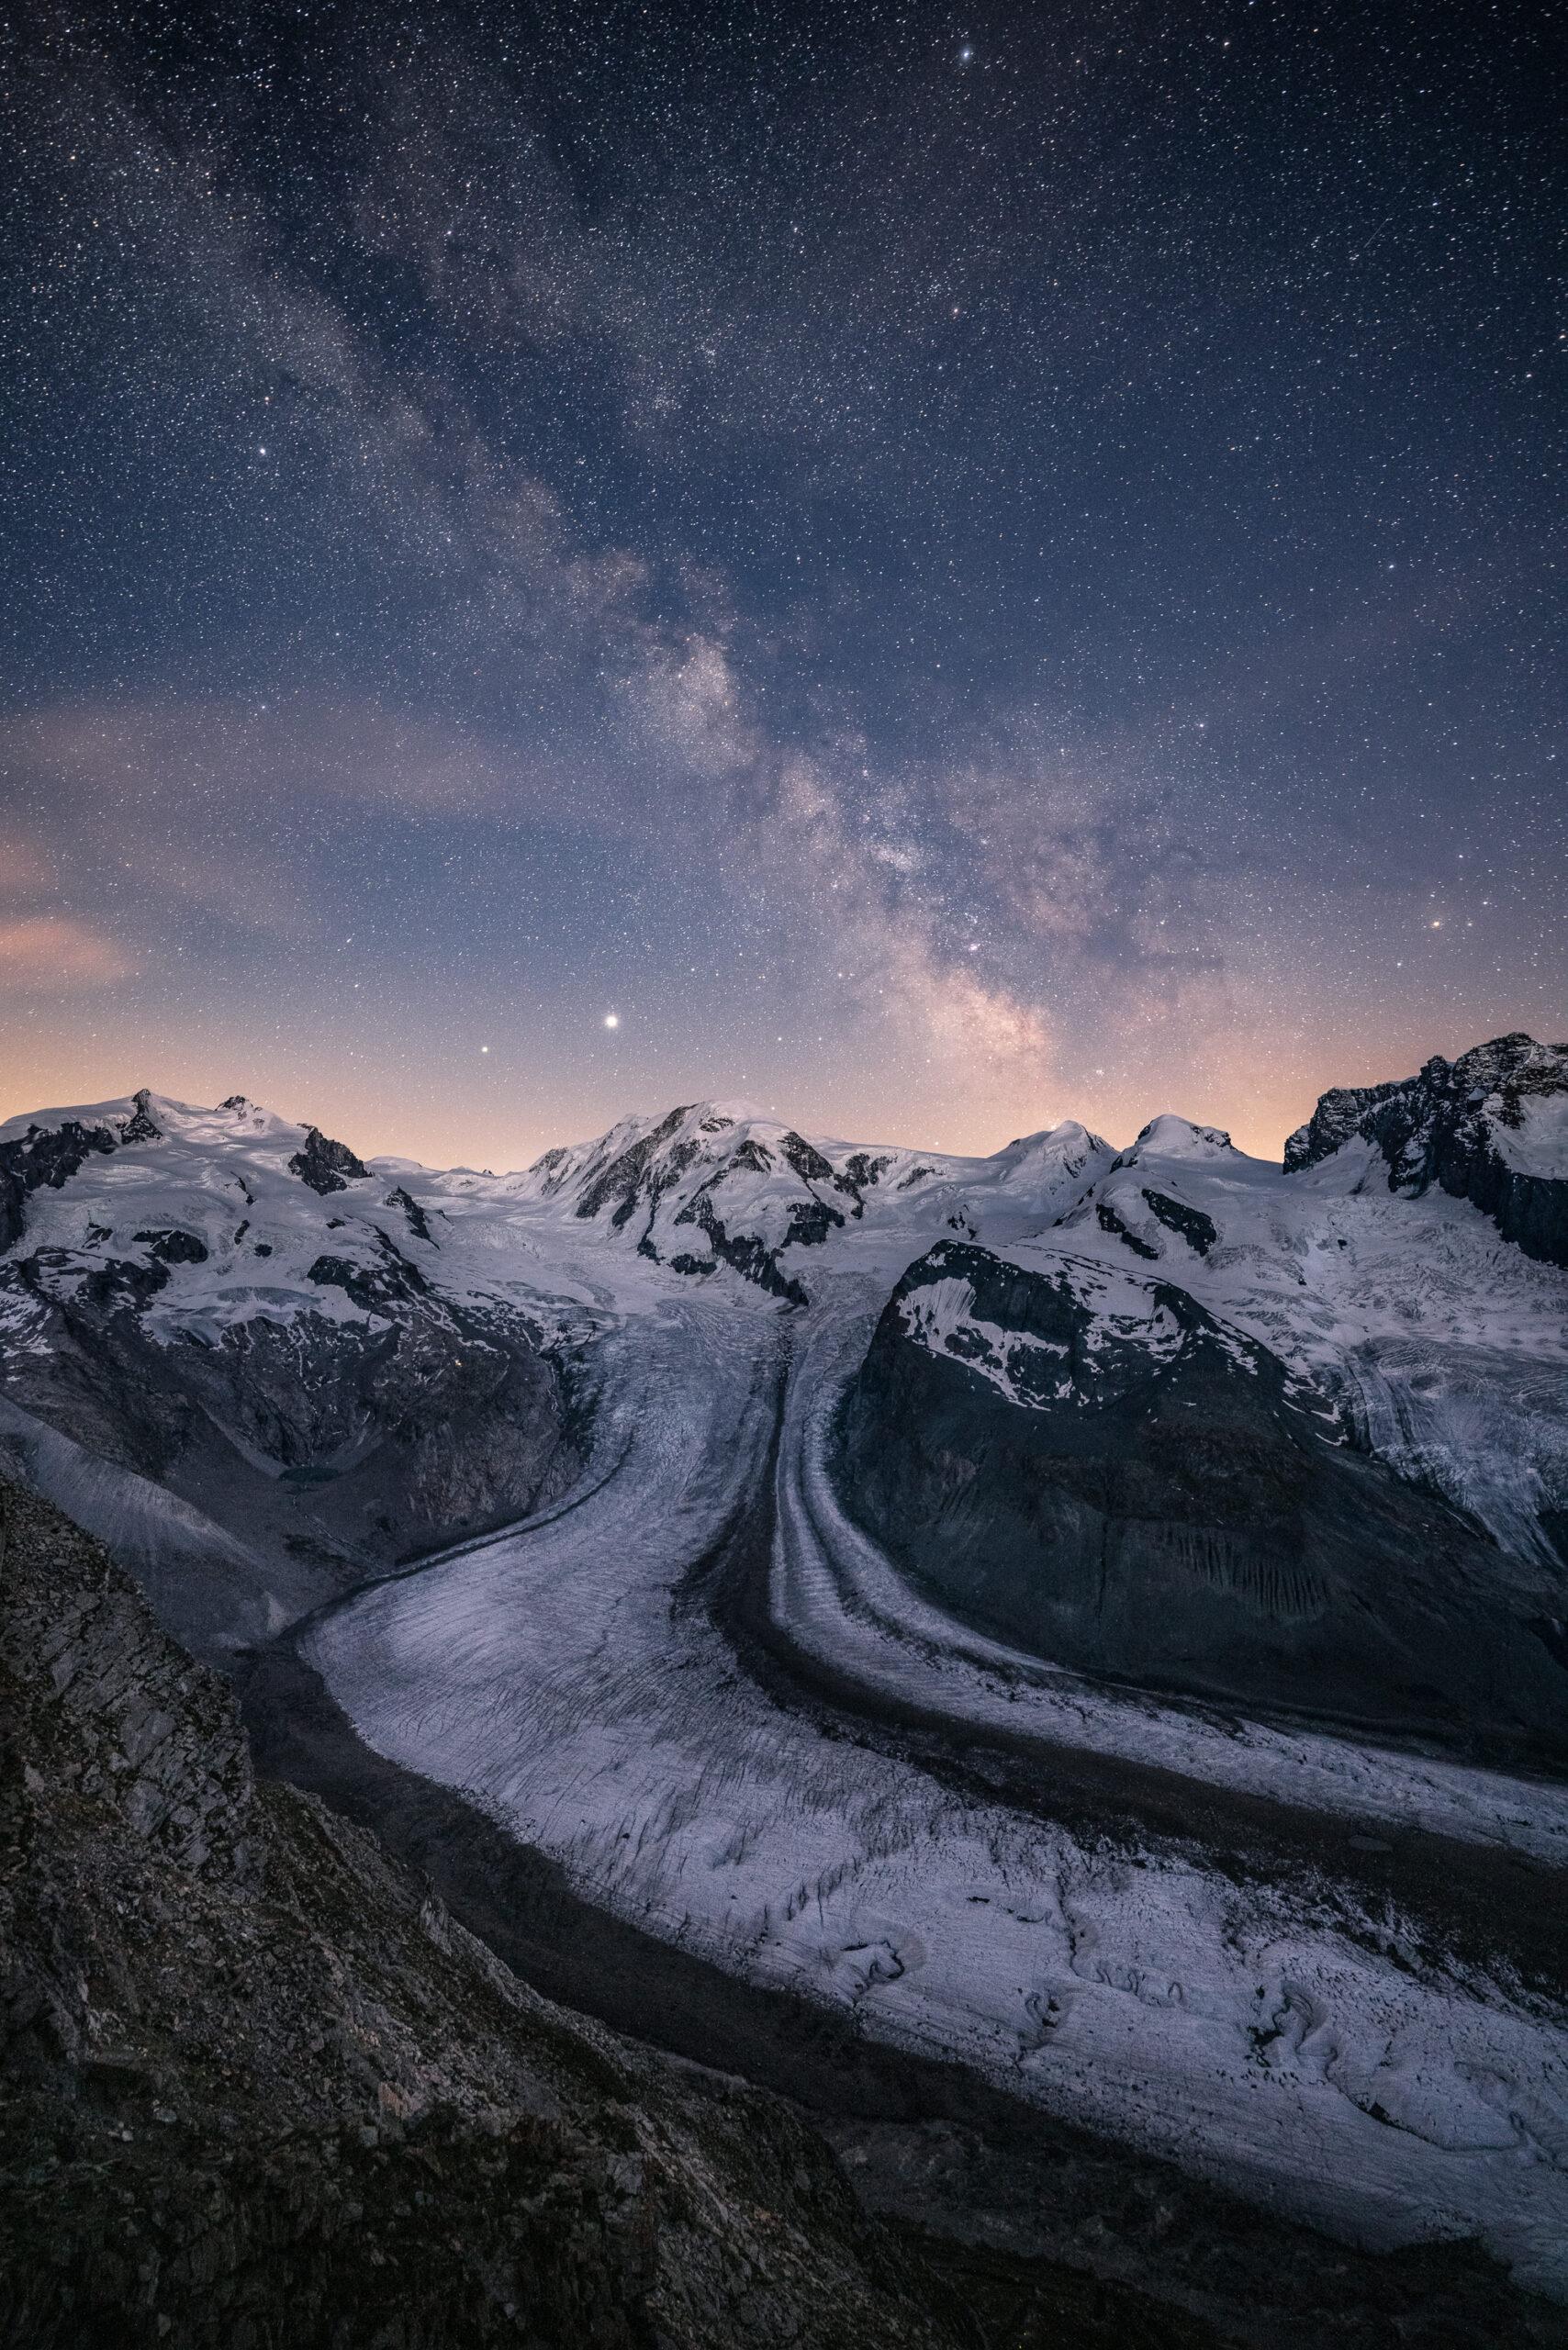 lodowiec Gornergletshcer nocą - widok na Monterosę i Lyksamm i drogę mleczną - astrofotografia krajobrazowa